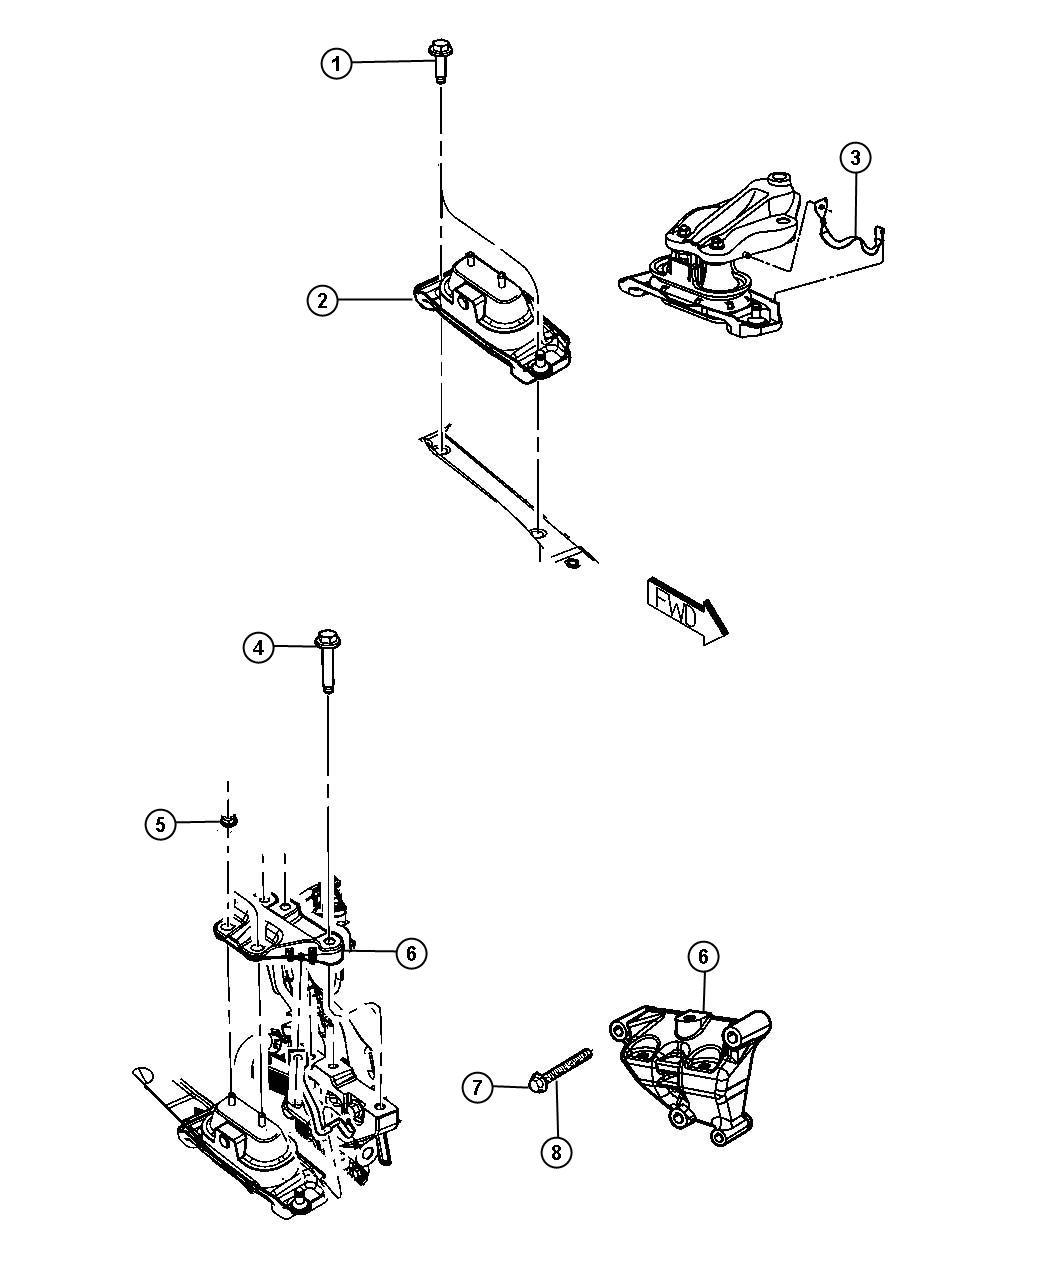 2008 volvo s40 rear suspension diagram